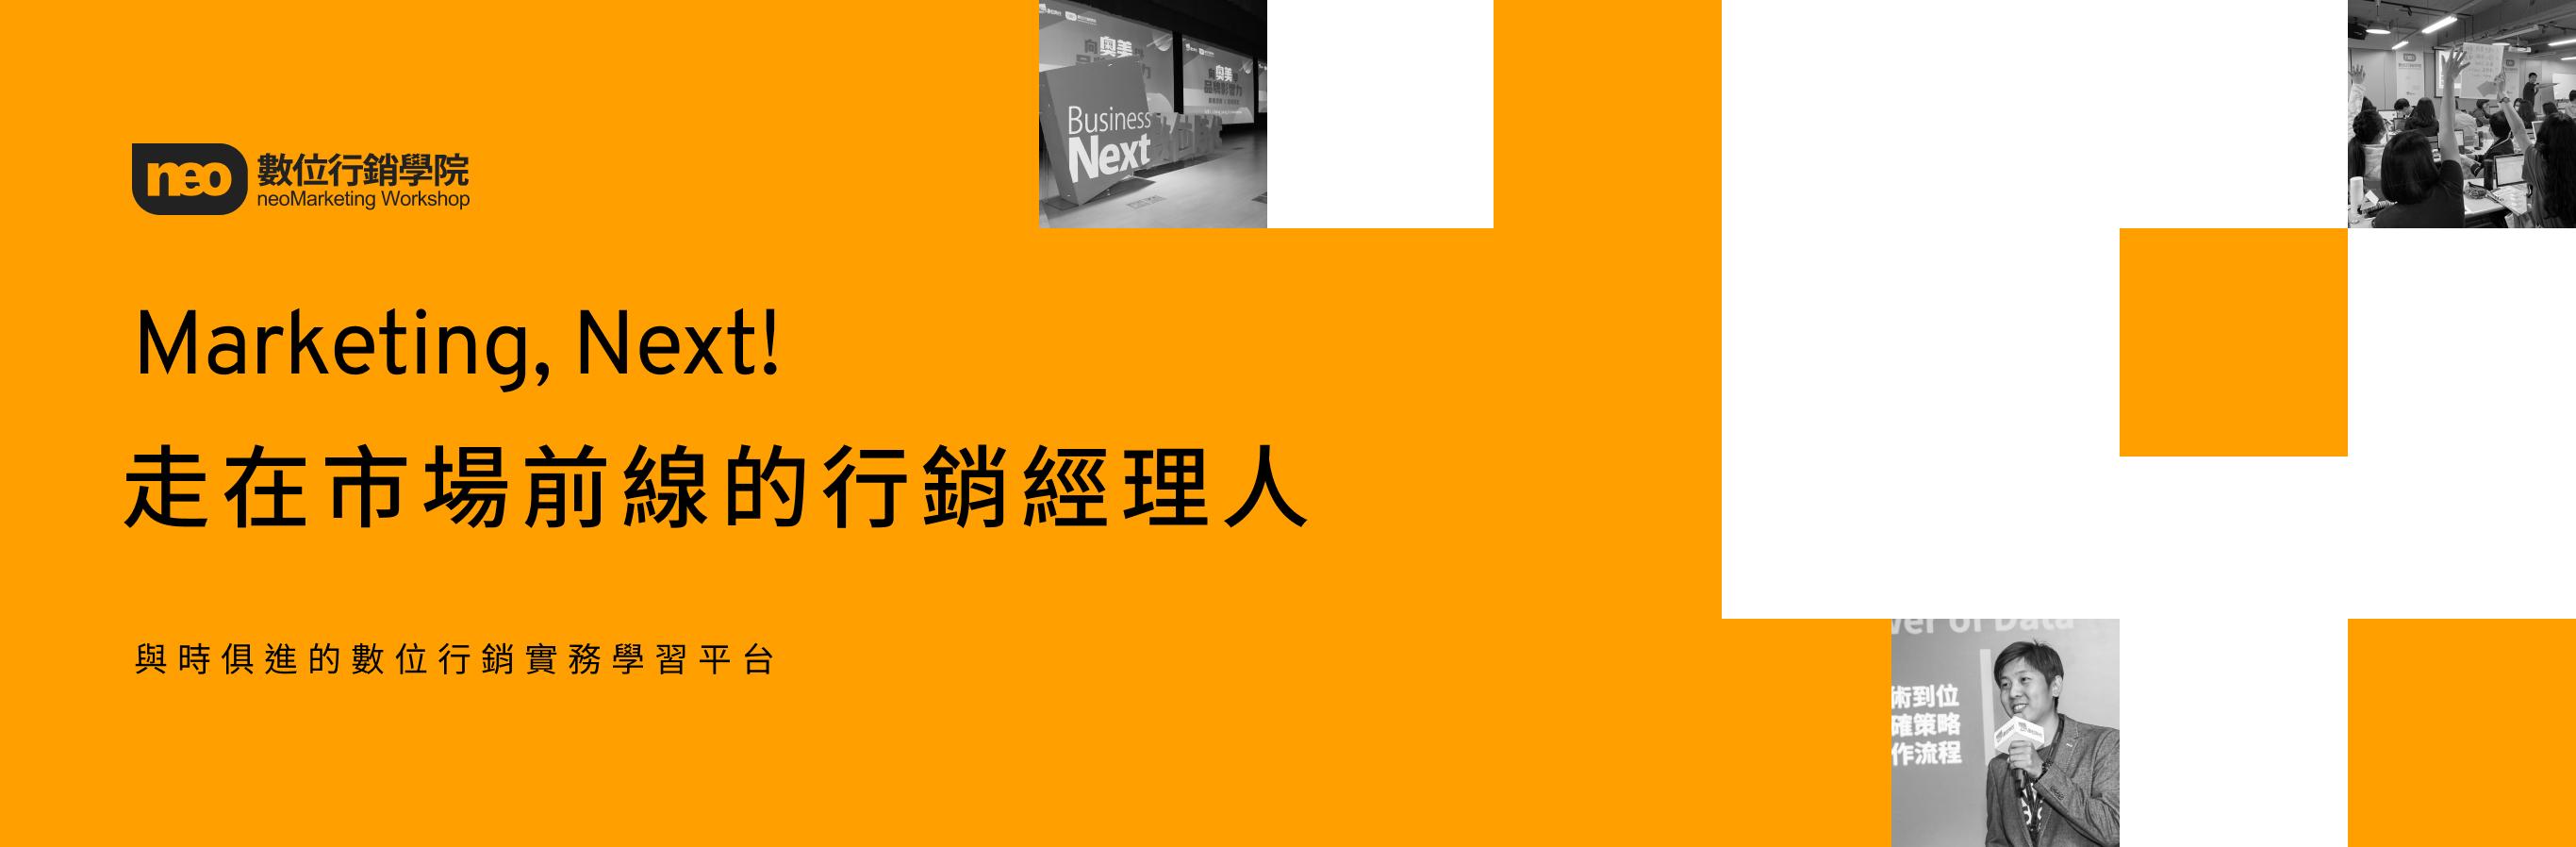 school-bn-banner